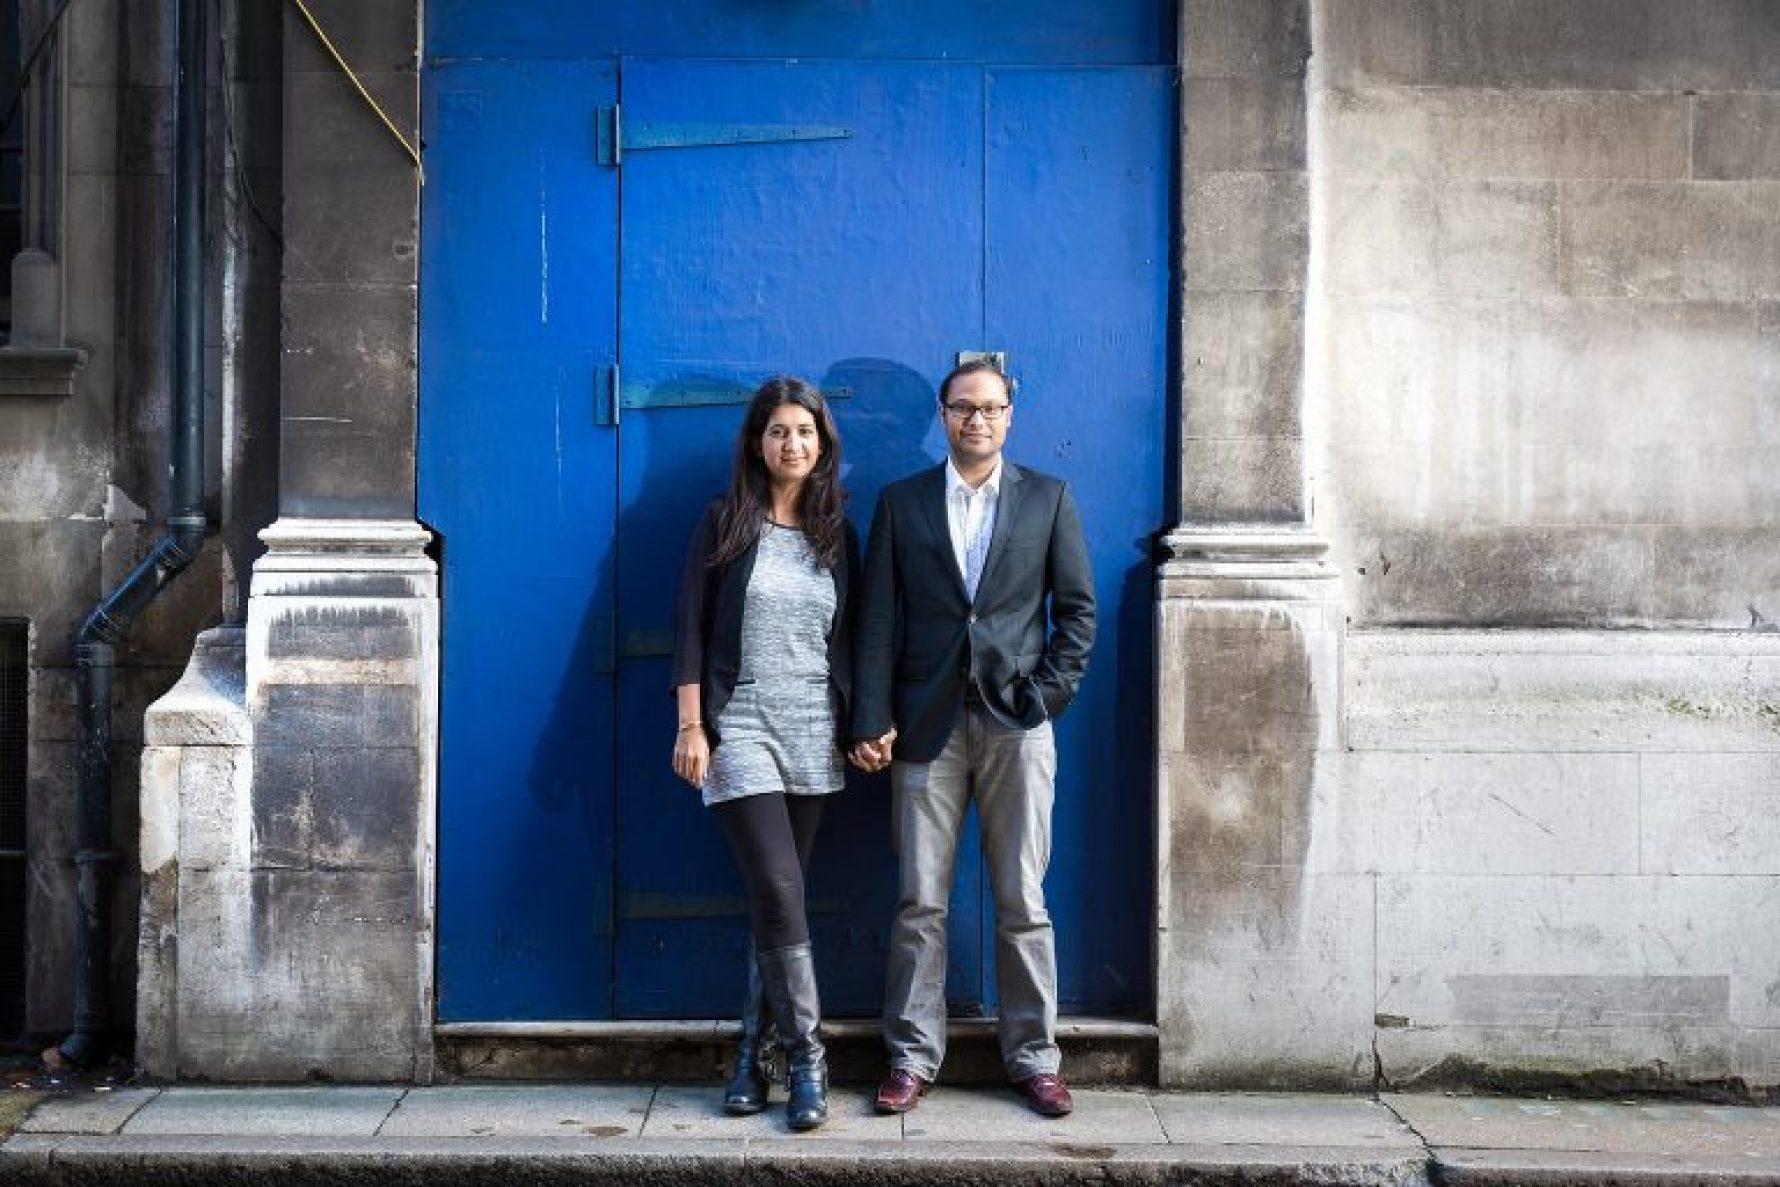 London engagement photoshoot